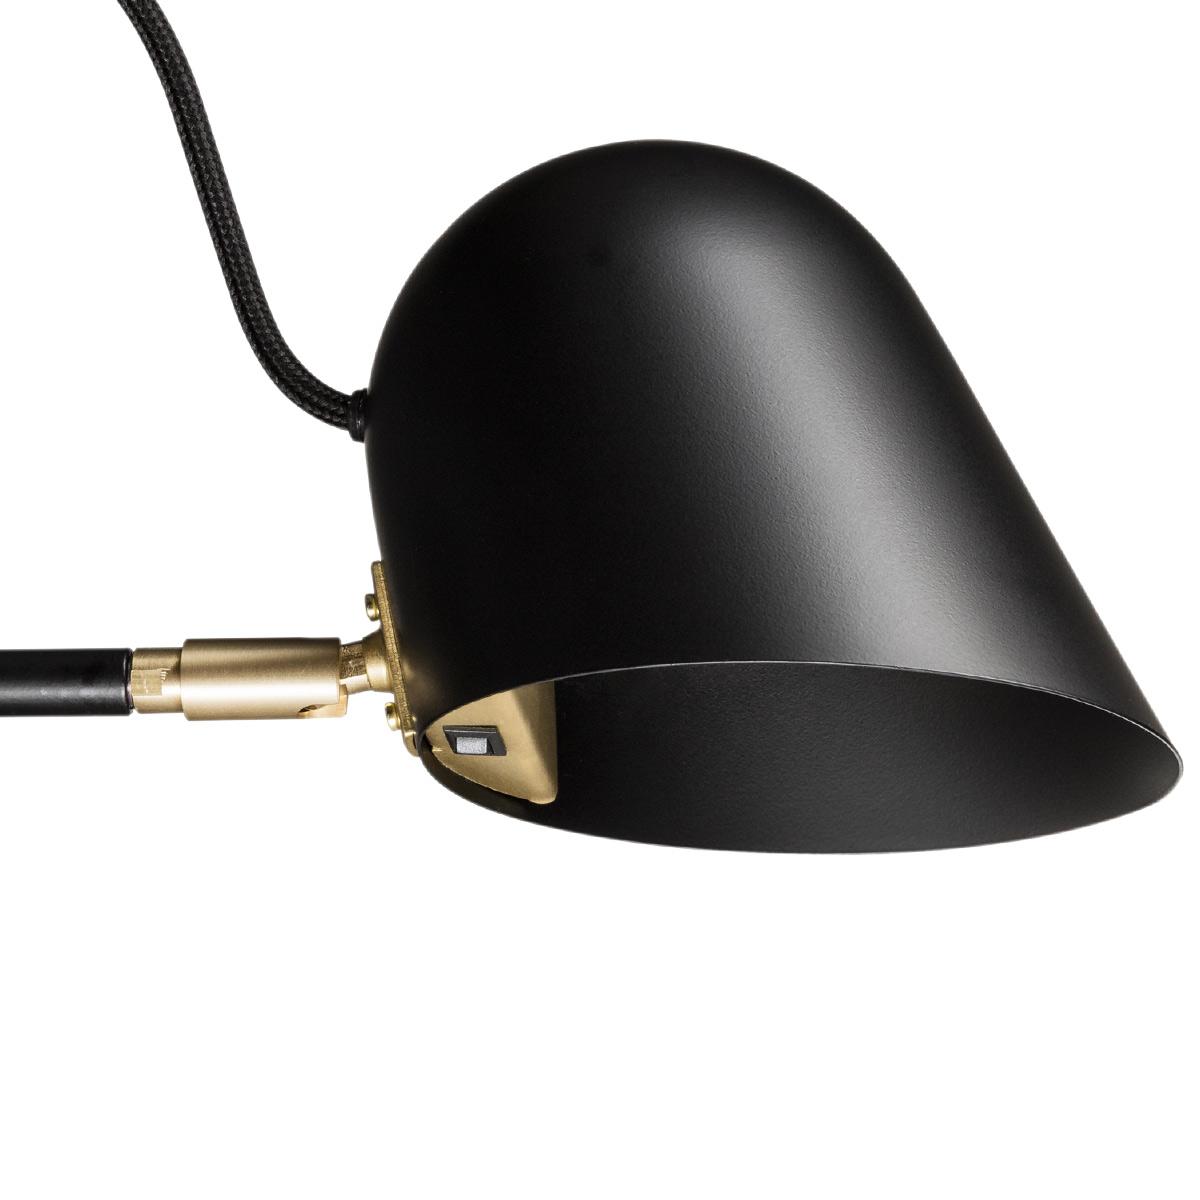 Moderne Schwedische Design Stehleuchte Mit LED Von Vastervik Belysning Bild 7 Der Schalter